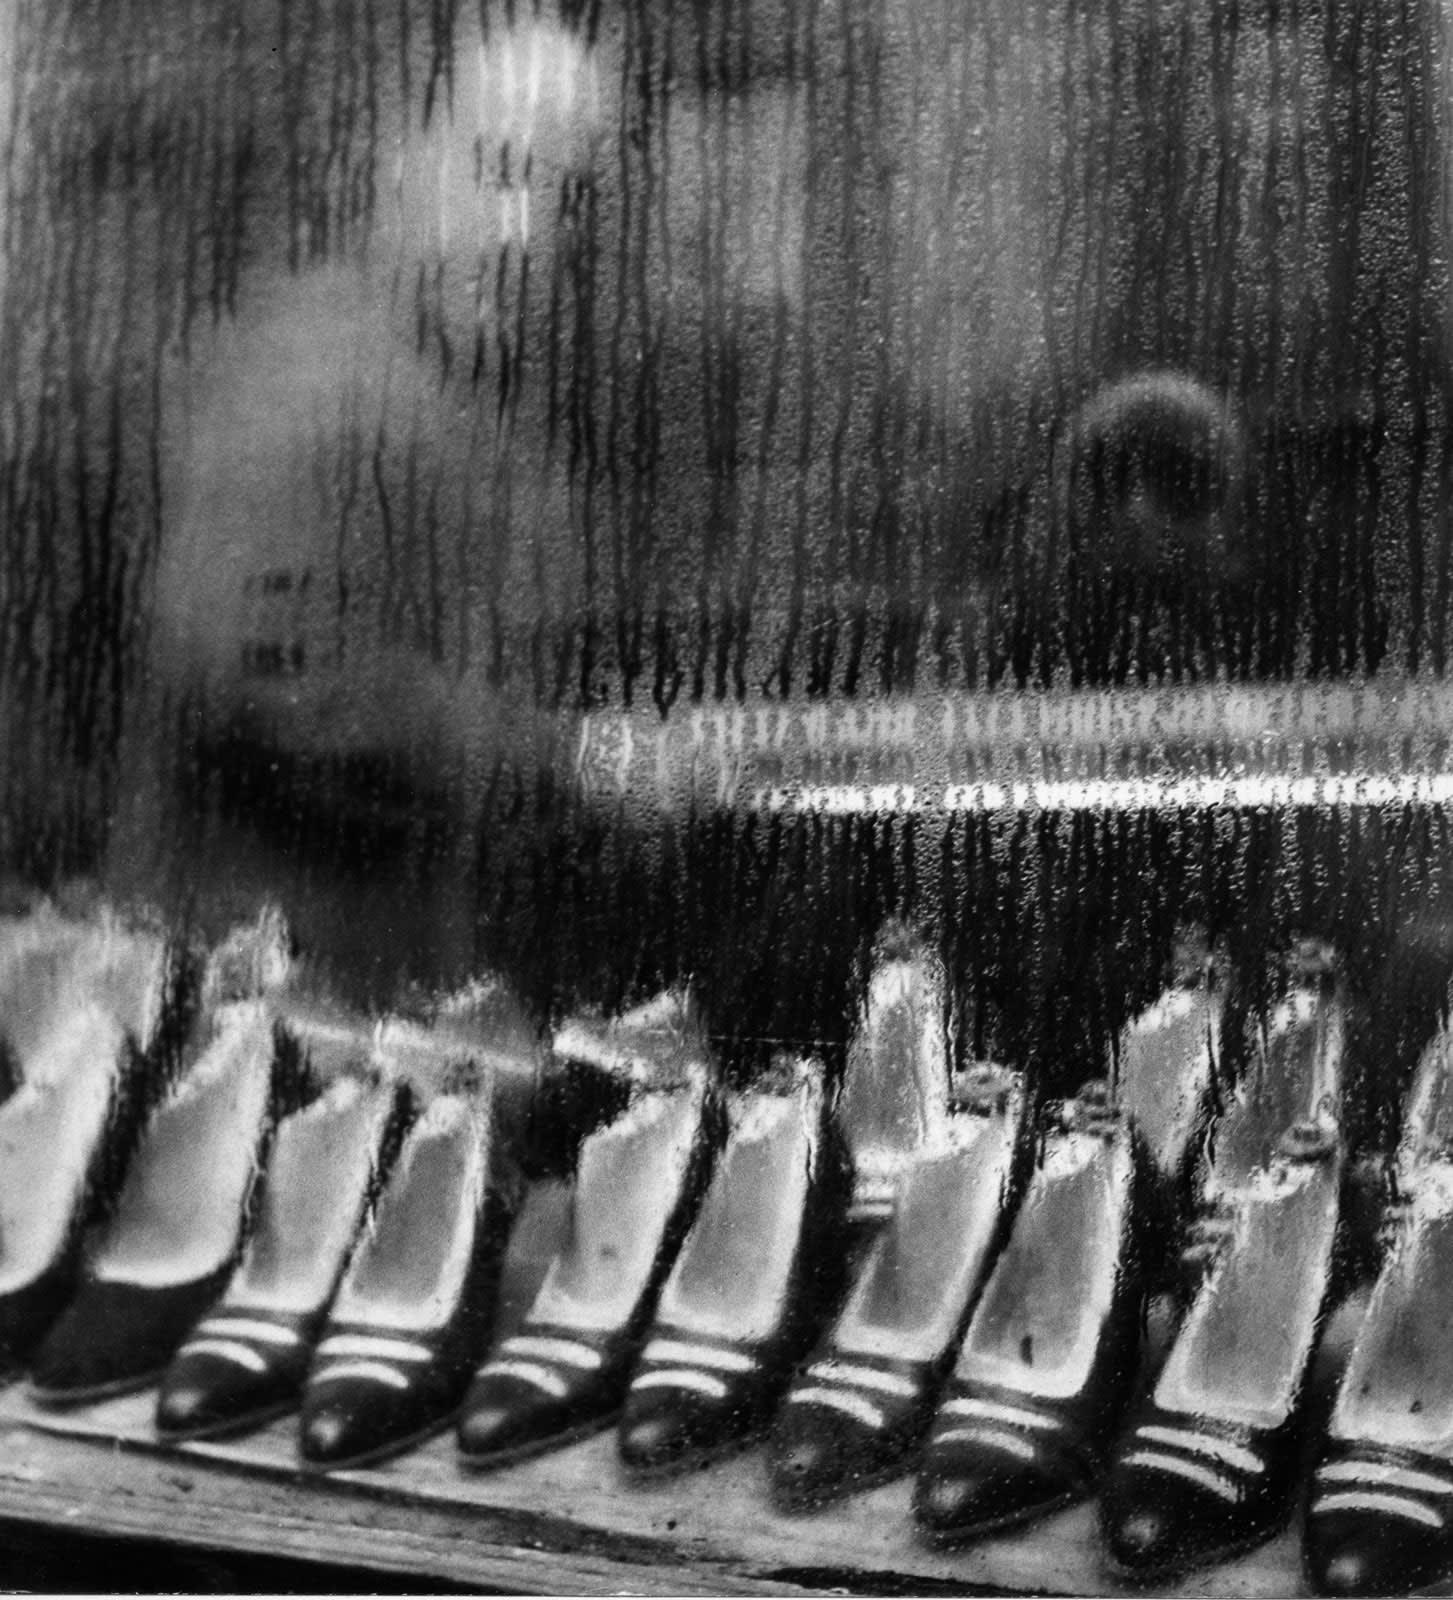 Sabine Weiss Paris Tirage gélatino-argentique d'époque réalisé par l'artiste 23 x 16,5 cm Dim. papier: 23 x 16,5 cm